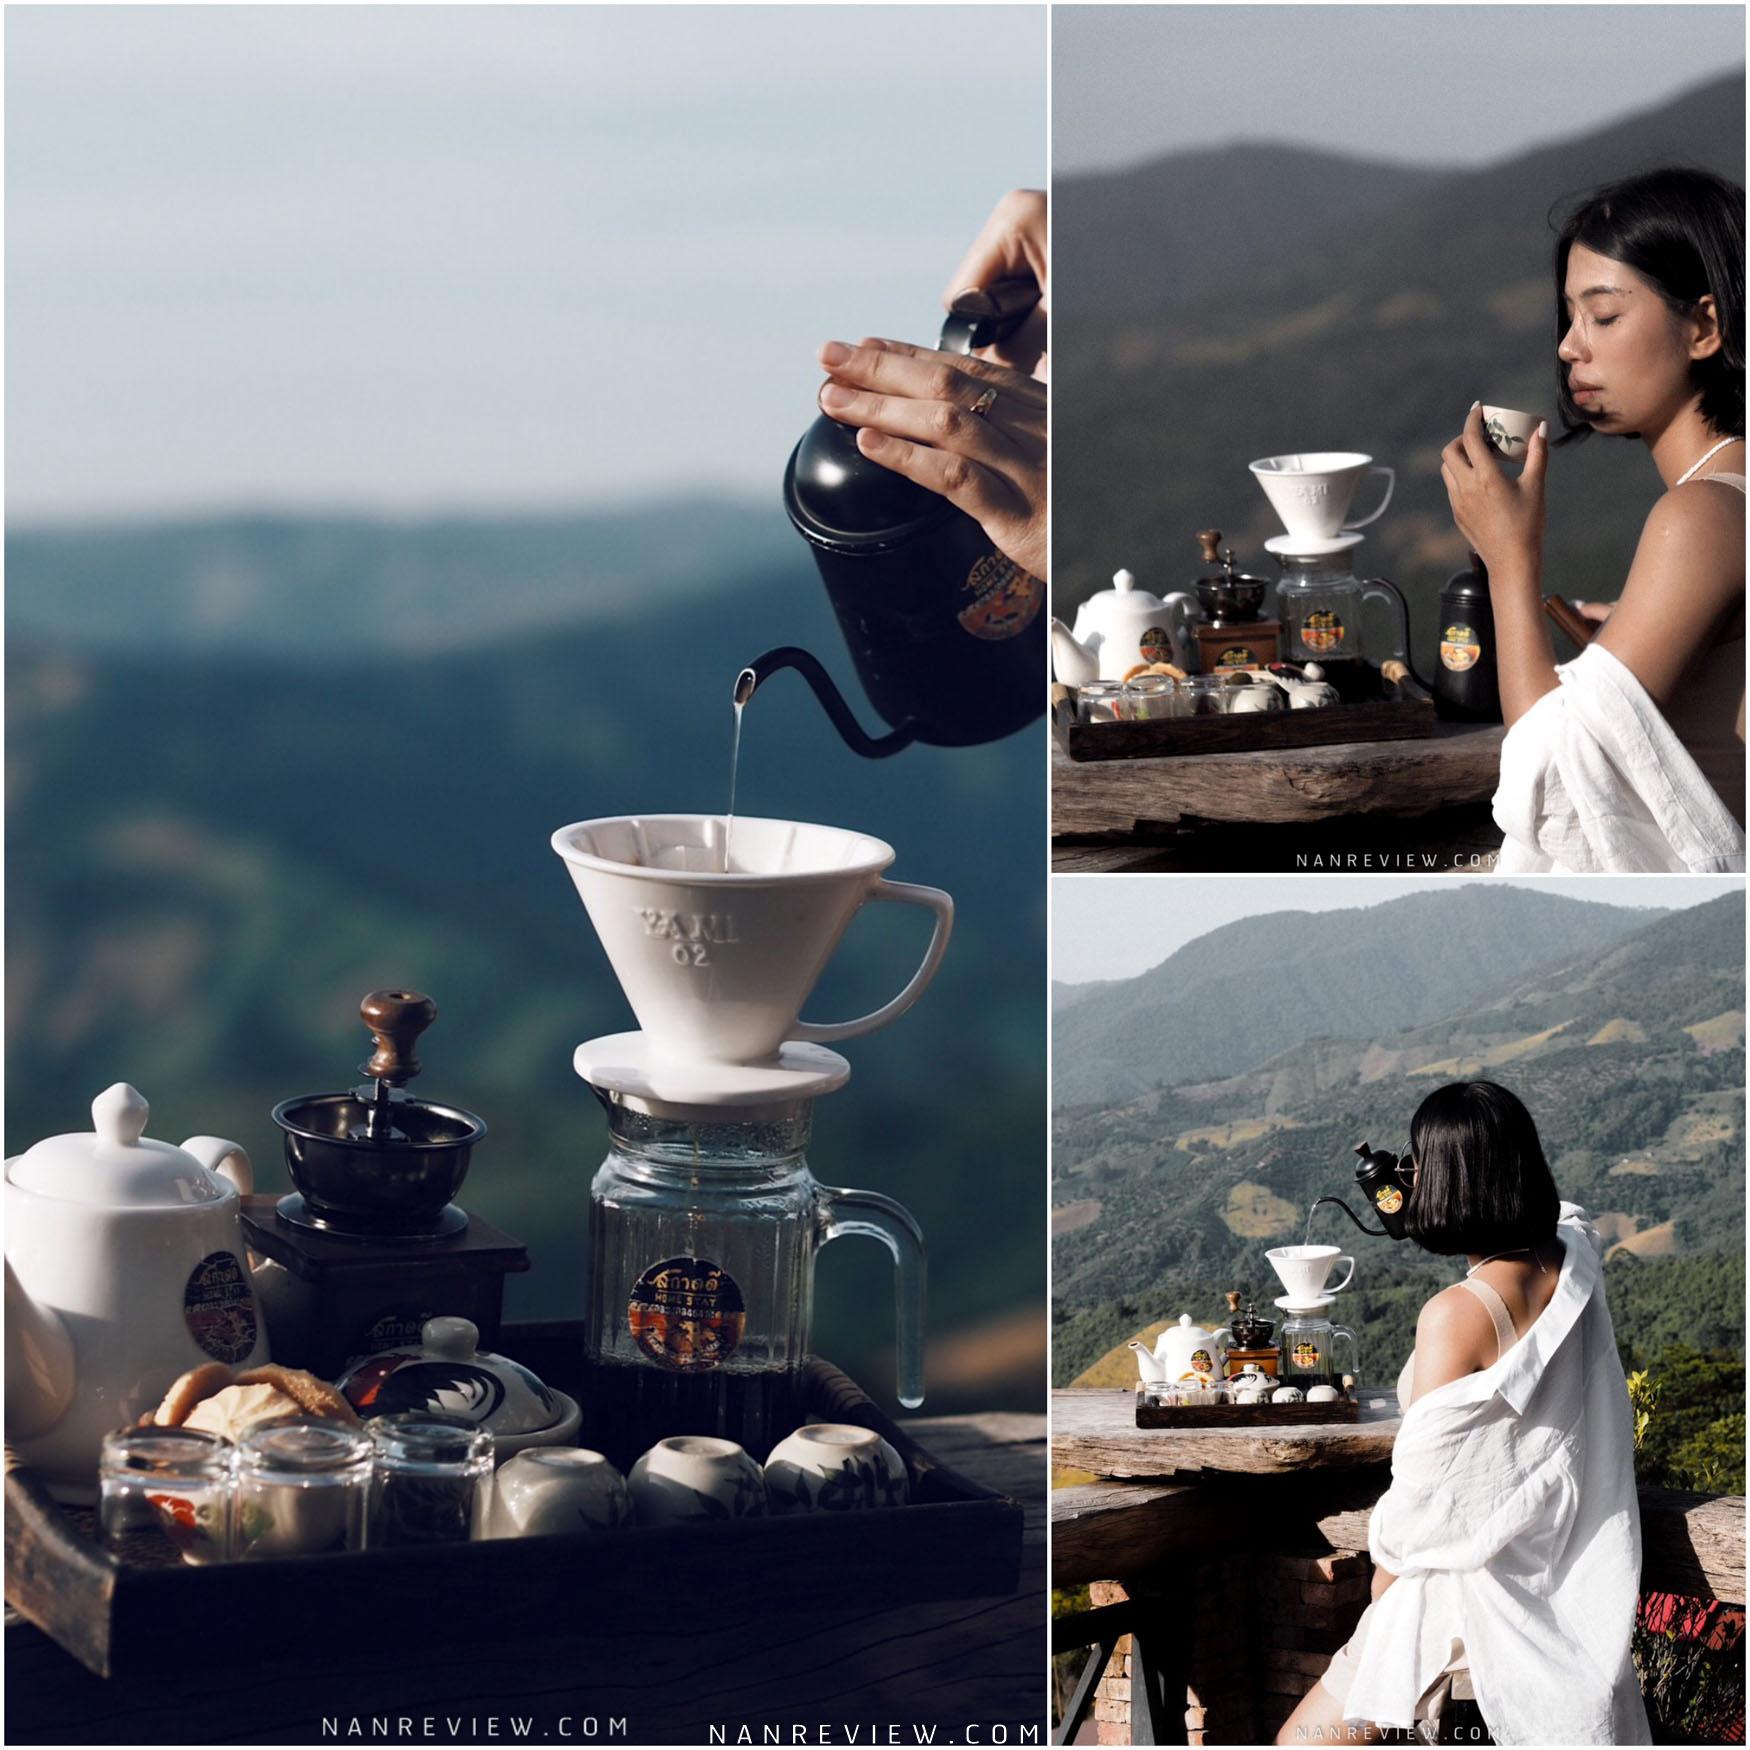 สกาดดีโฮมสเตย์ ราคาหลักร้อยวิวหลักล้านไปจิบชากินกาแฟหอมเข้มข้นแล้วรับลมท่ามกลางธรรมชาติป่าเขาวิวคือดีมวากก